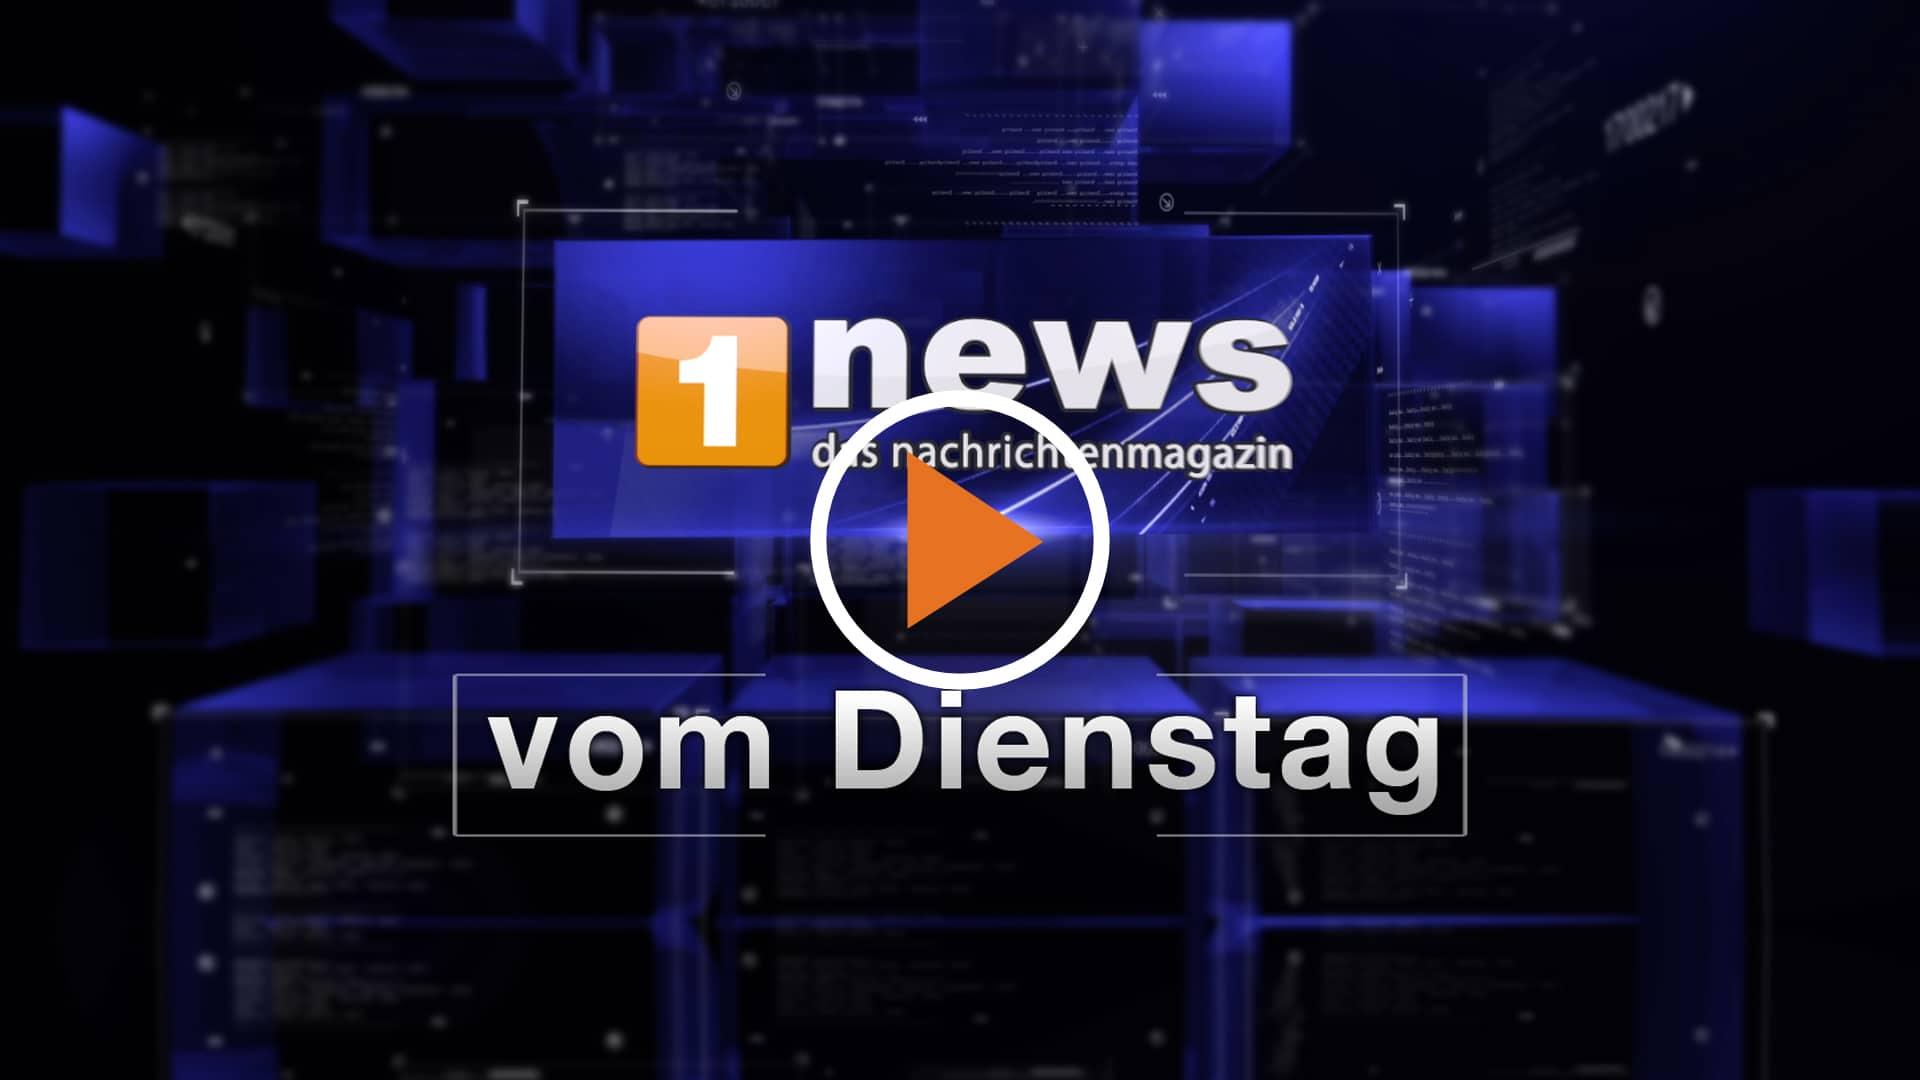 Screen_1news Dienstag